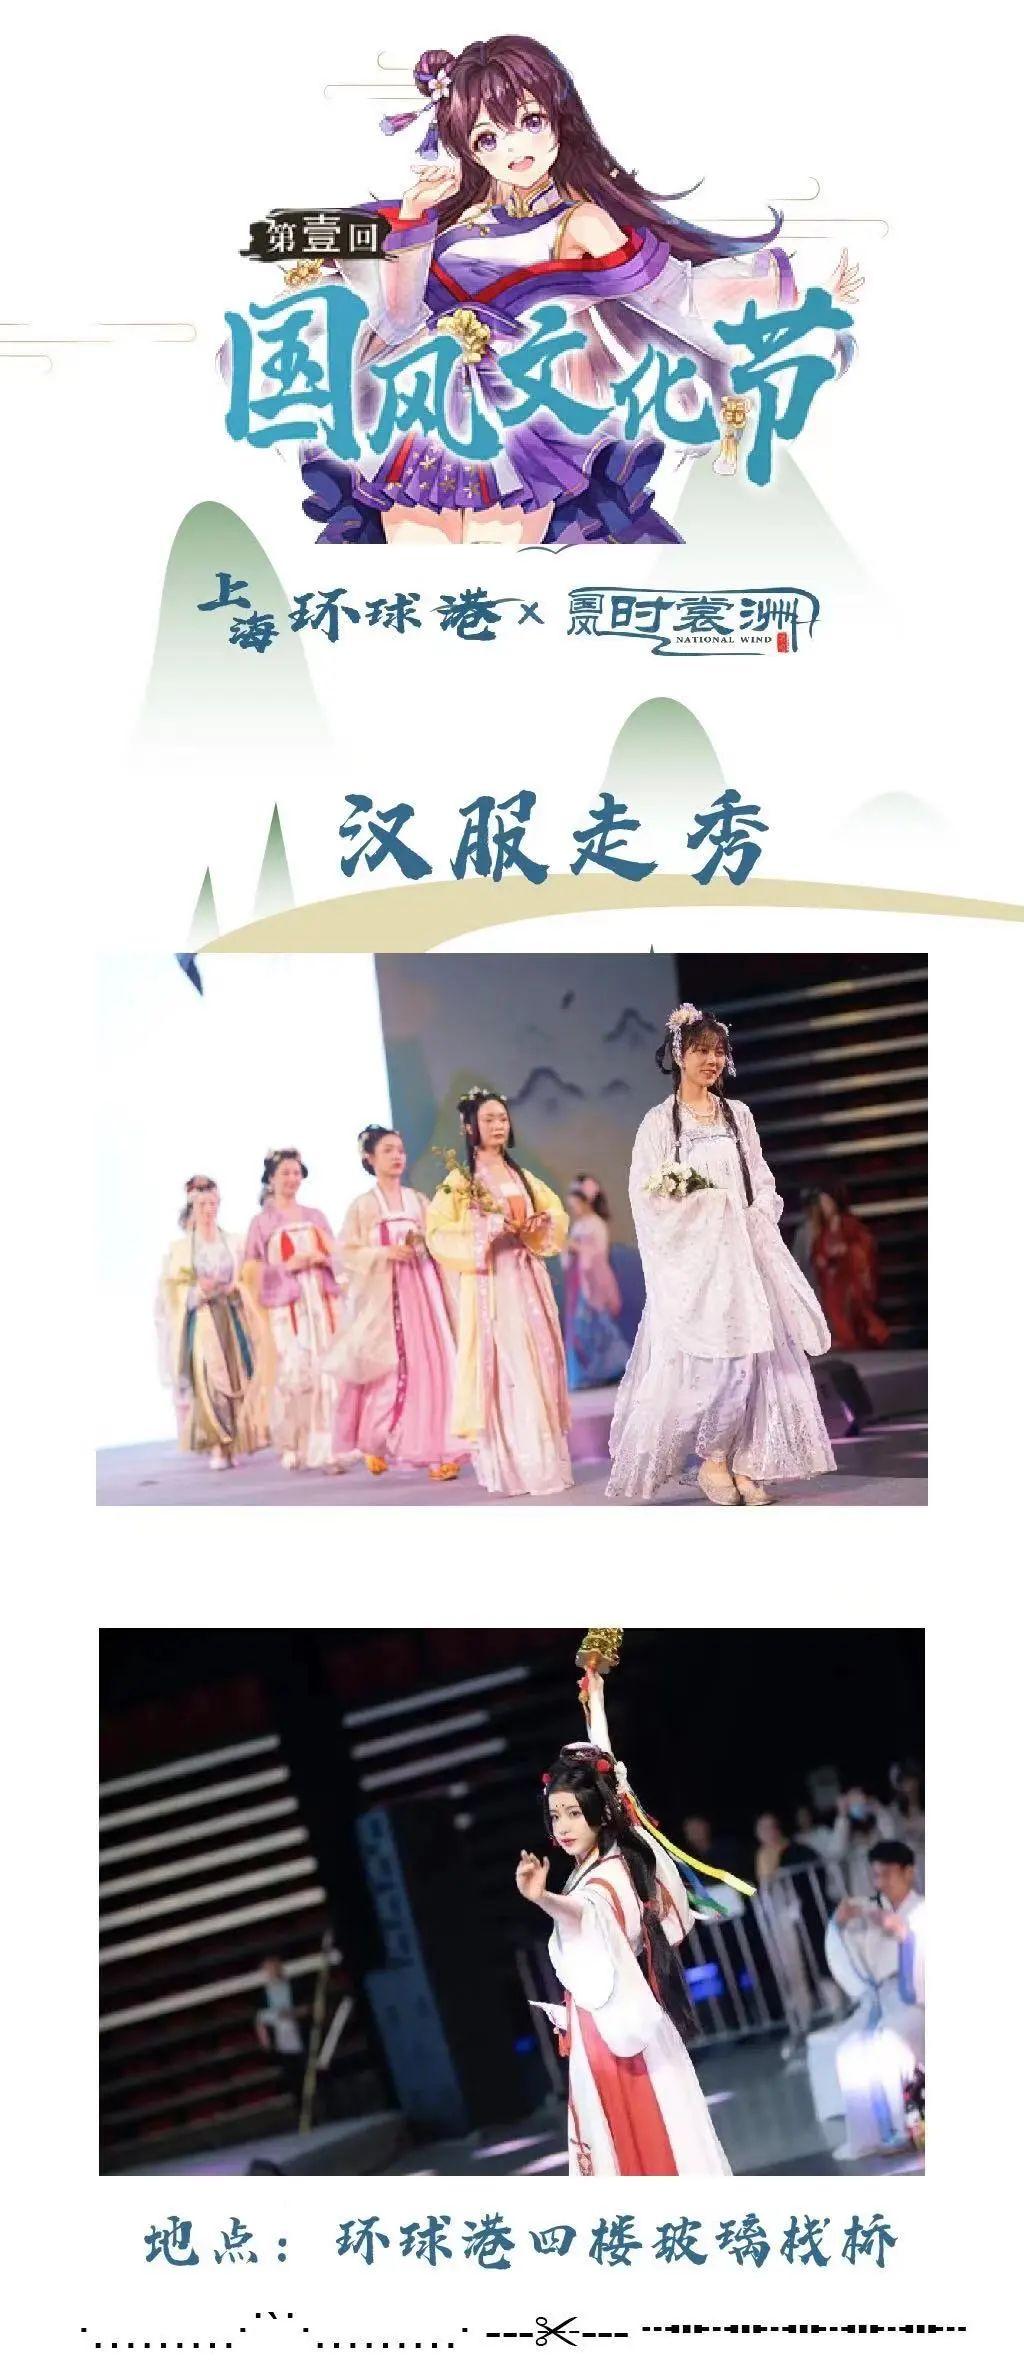 2021汉服文化节 | 8月上海国风文化节活动预告